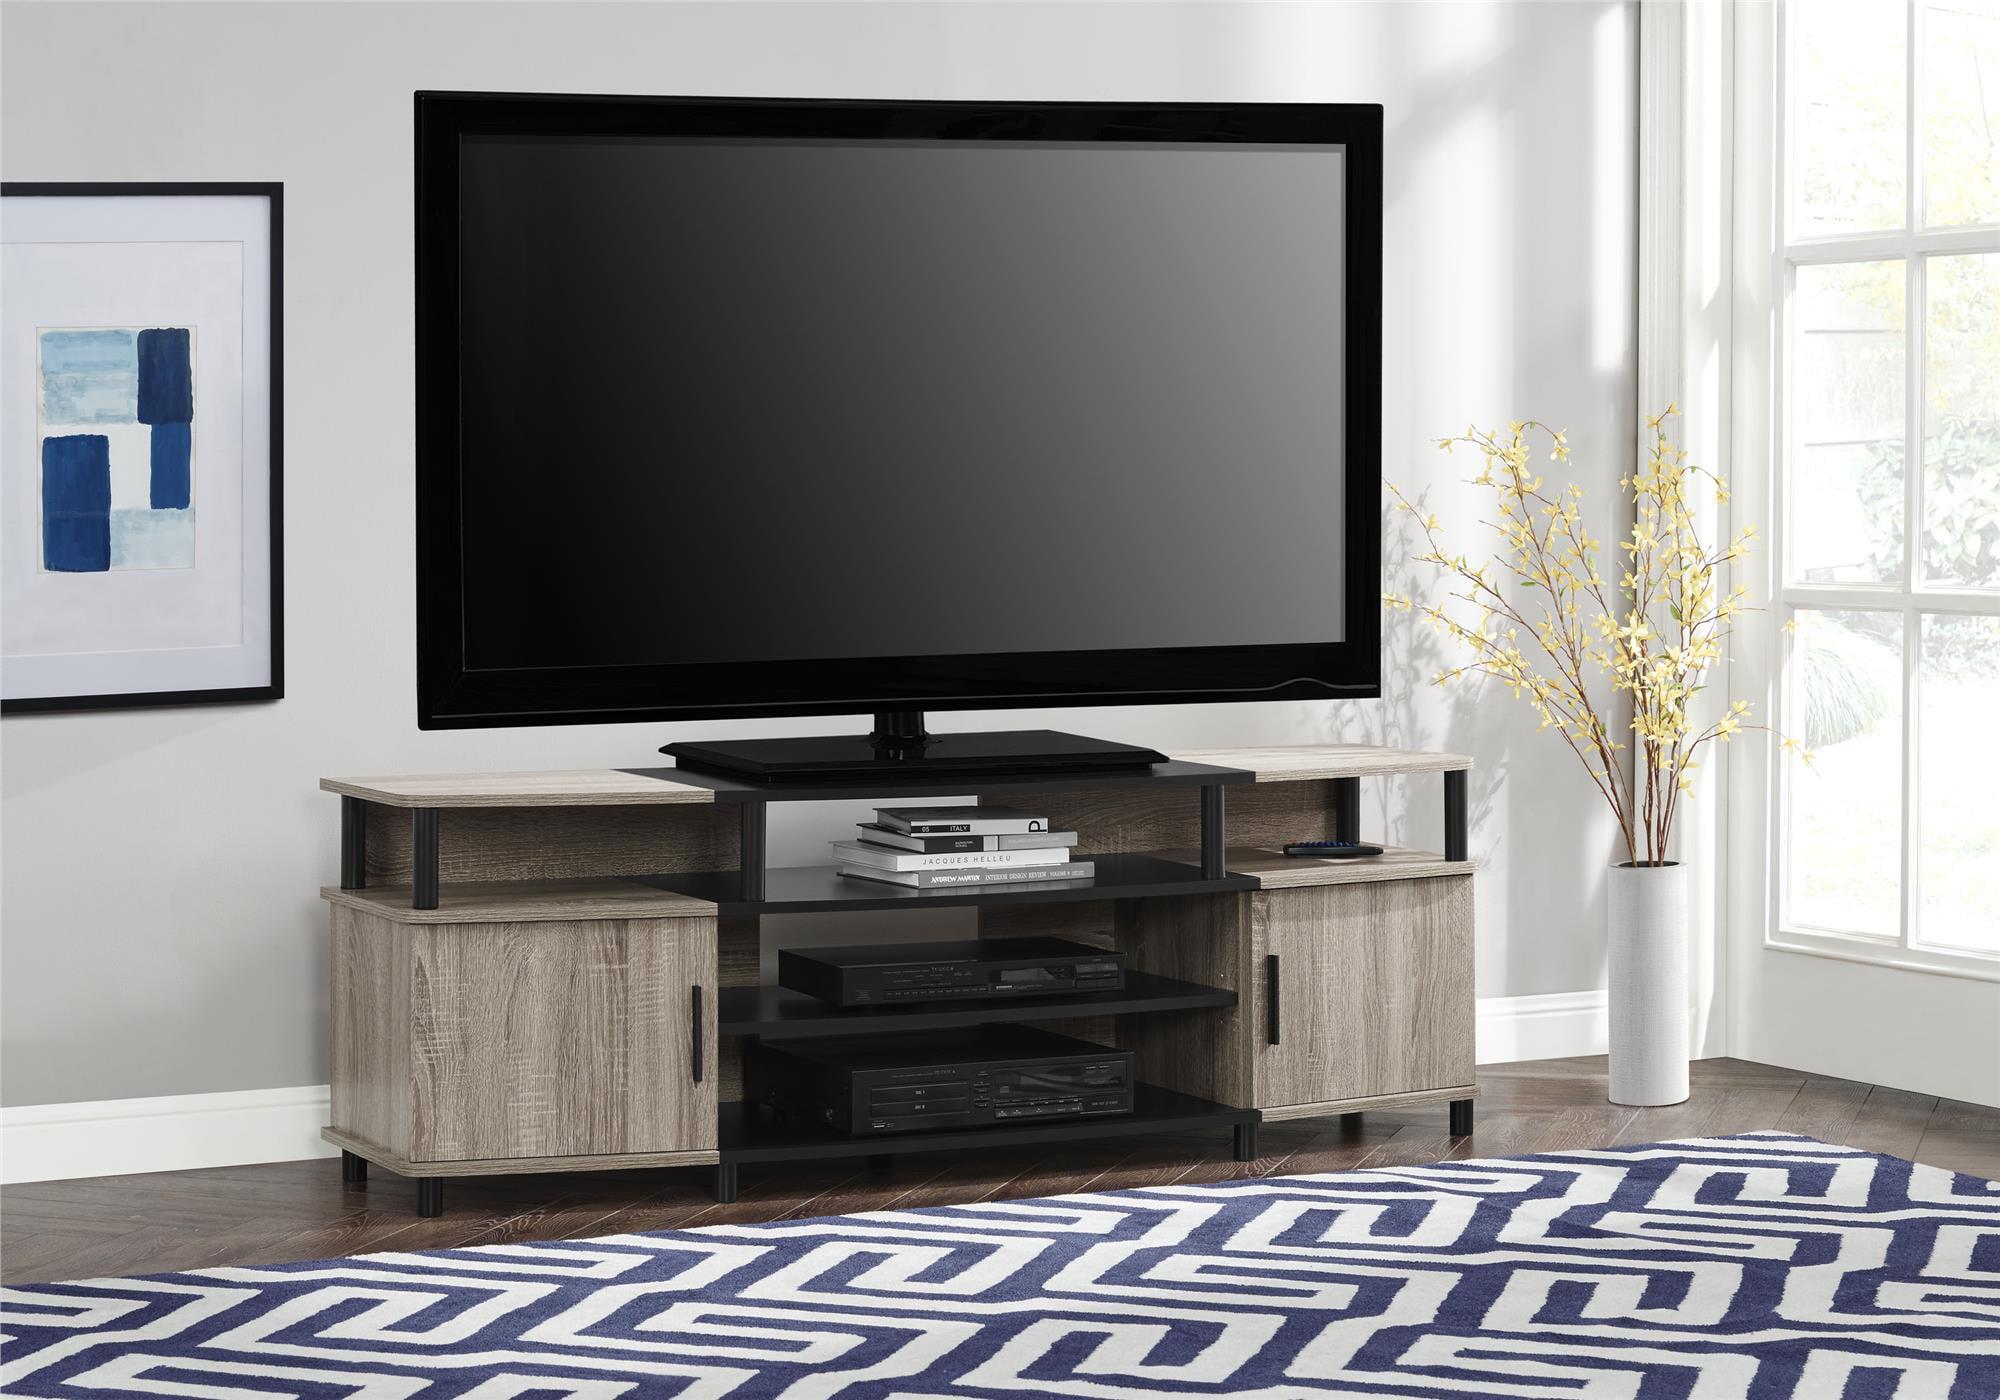 Carson Xl Black And Cherry Tv Stand For Tvs Up To 70 Sonoma Oak Walmart Com Walmart Com